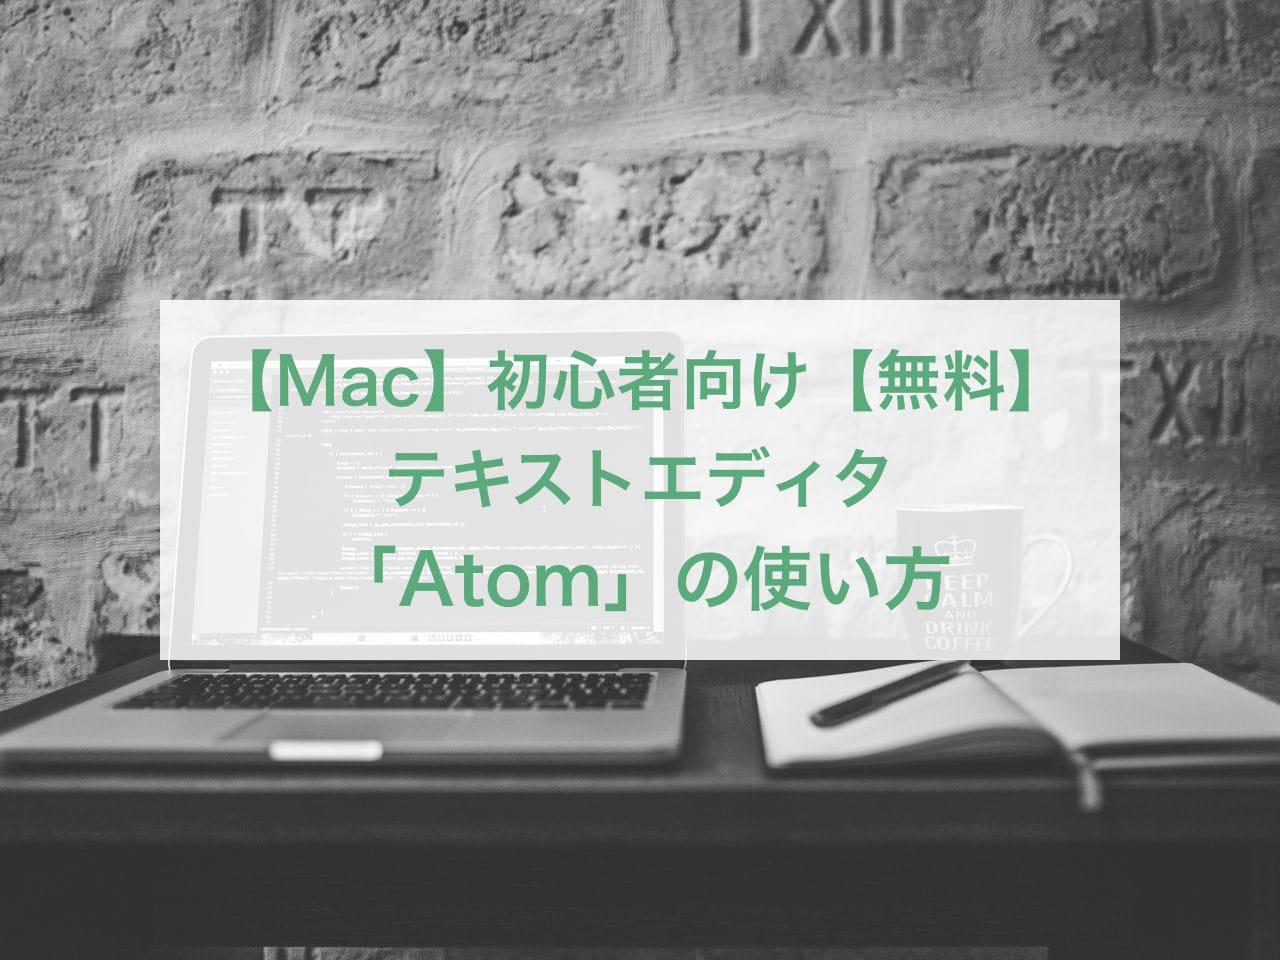 2020_05 minimal traveler, eyecatch, mac-atom